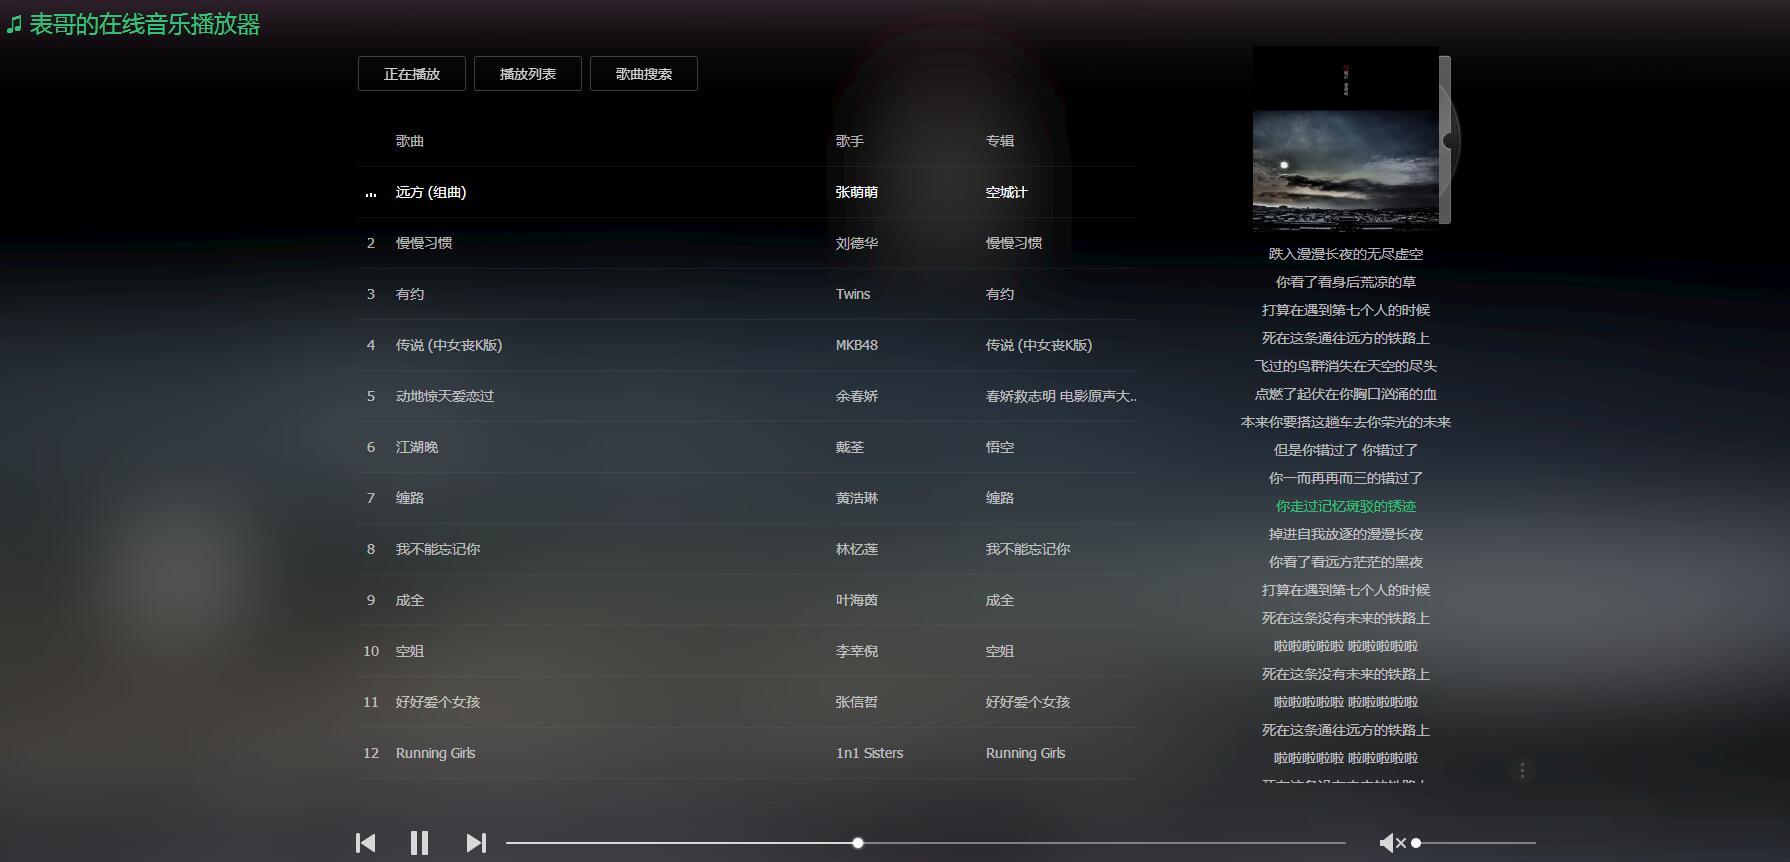 表哥的在线音乐播放器 V1.0 原创制作 第2张